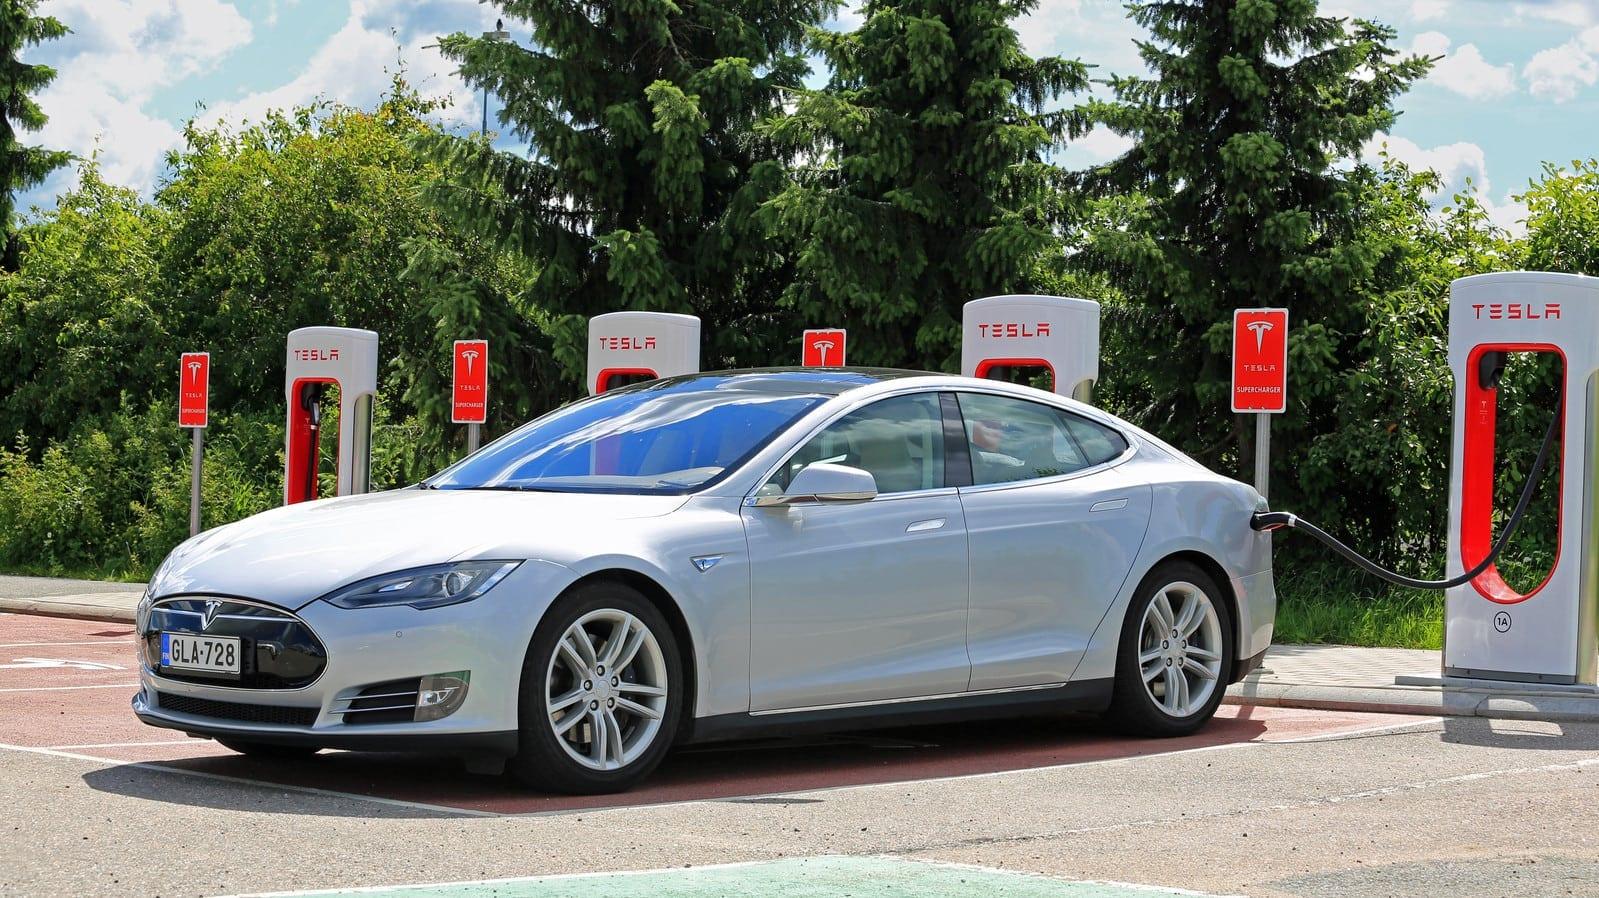 Charging Tesla Model S Battery at Tesla Supercharger Station